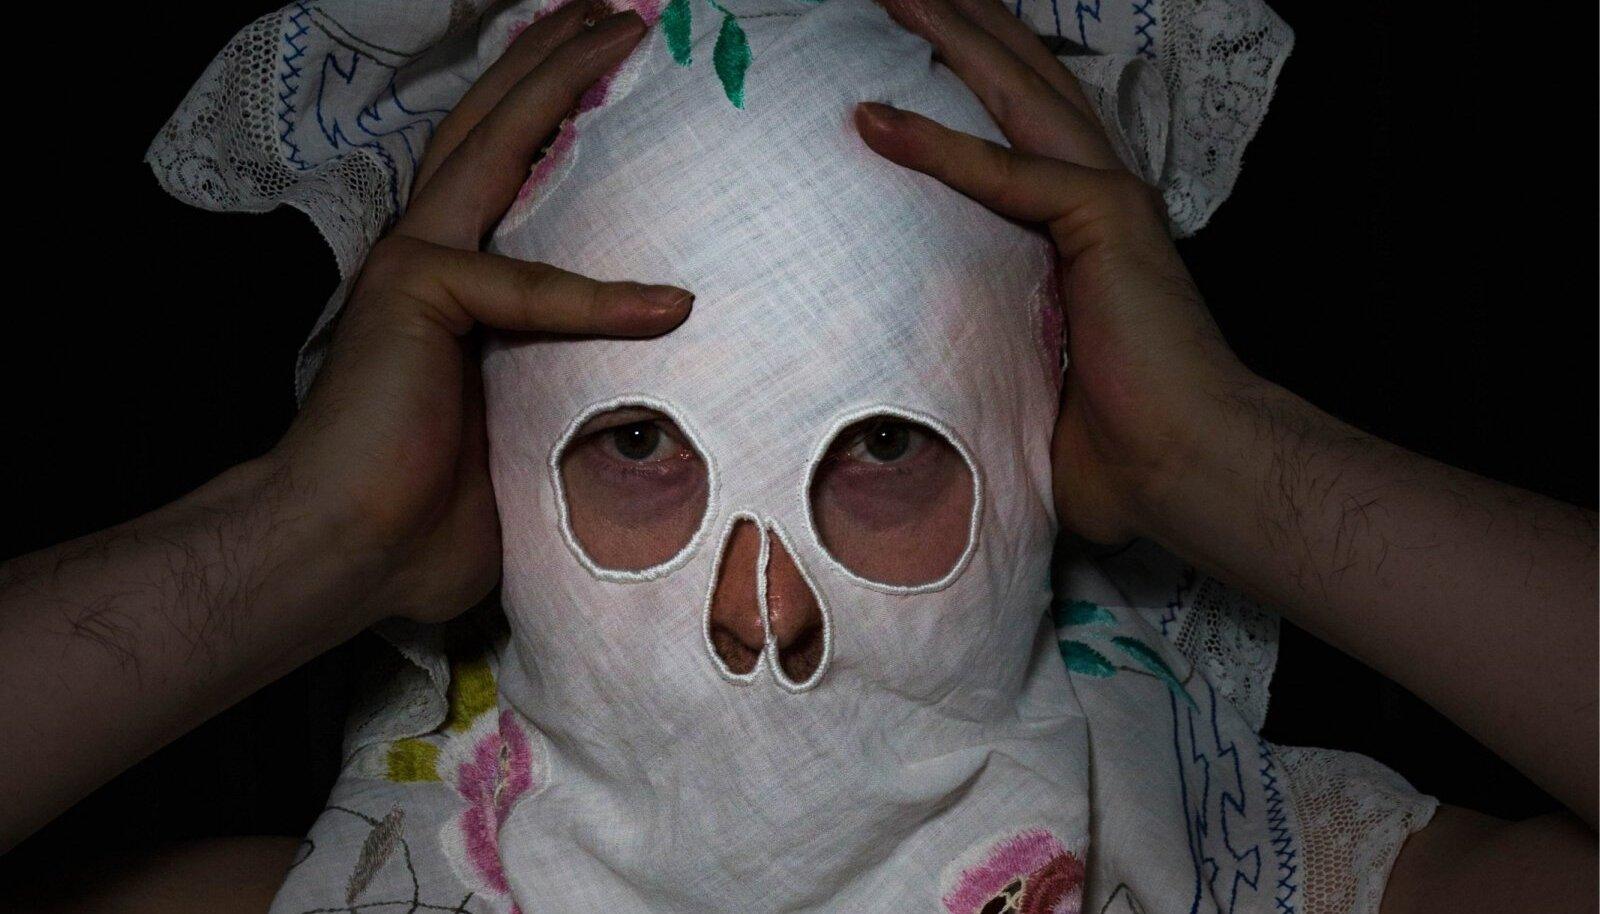 Galerii ülakorrusel on eksponeeritud suured fotod, kus tikitud padjapüüridest-linikutest on saanud maskid, millel kohati kasutatud õudusfilmide motiive.